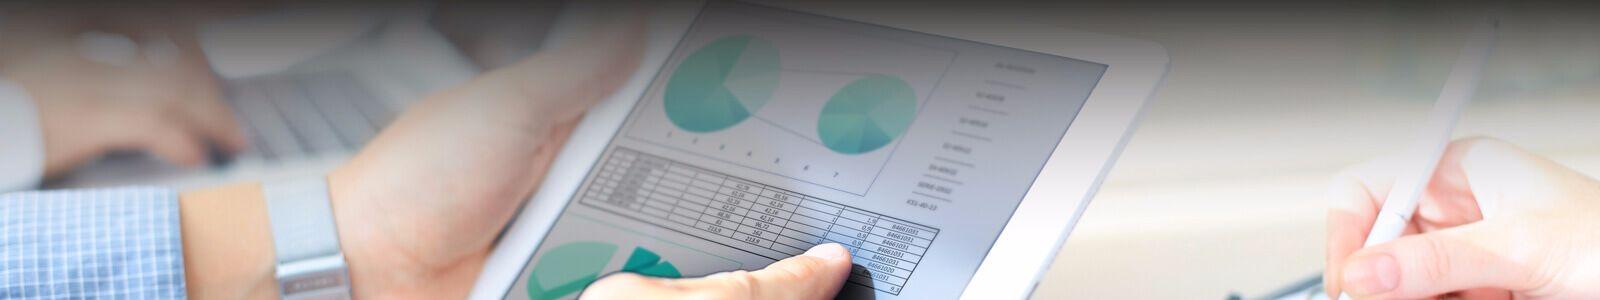 Monitoraggio e controllo dei prezzi online